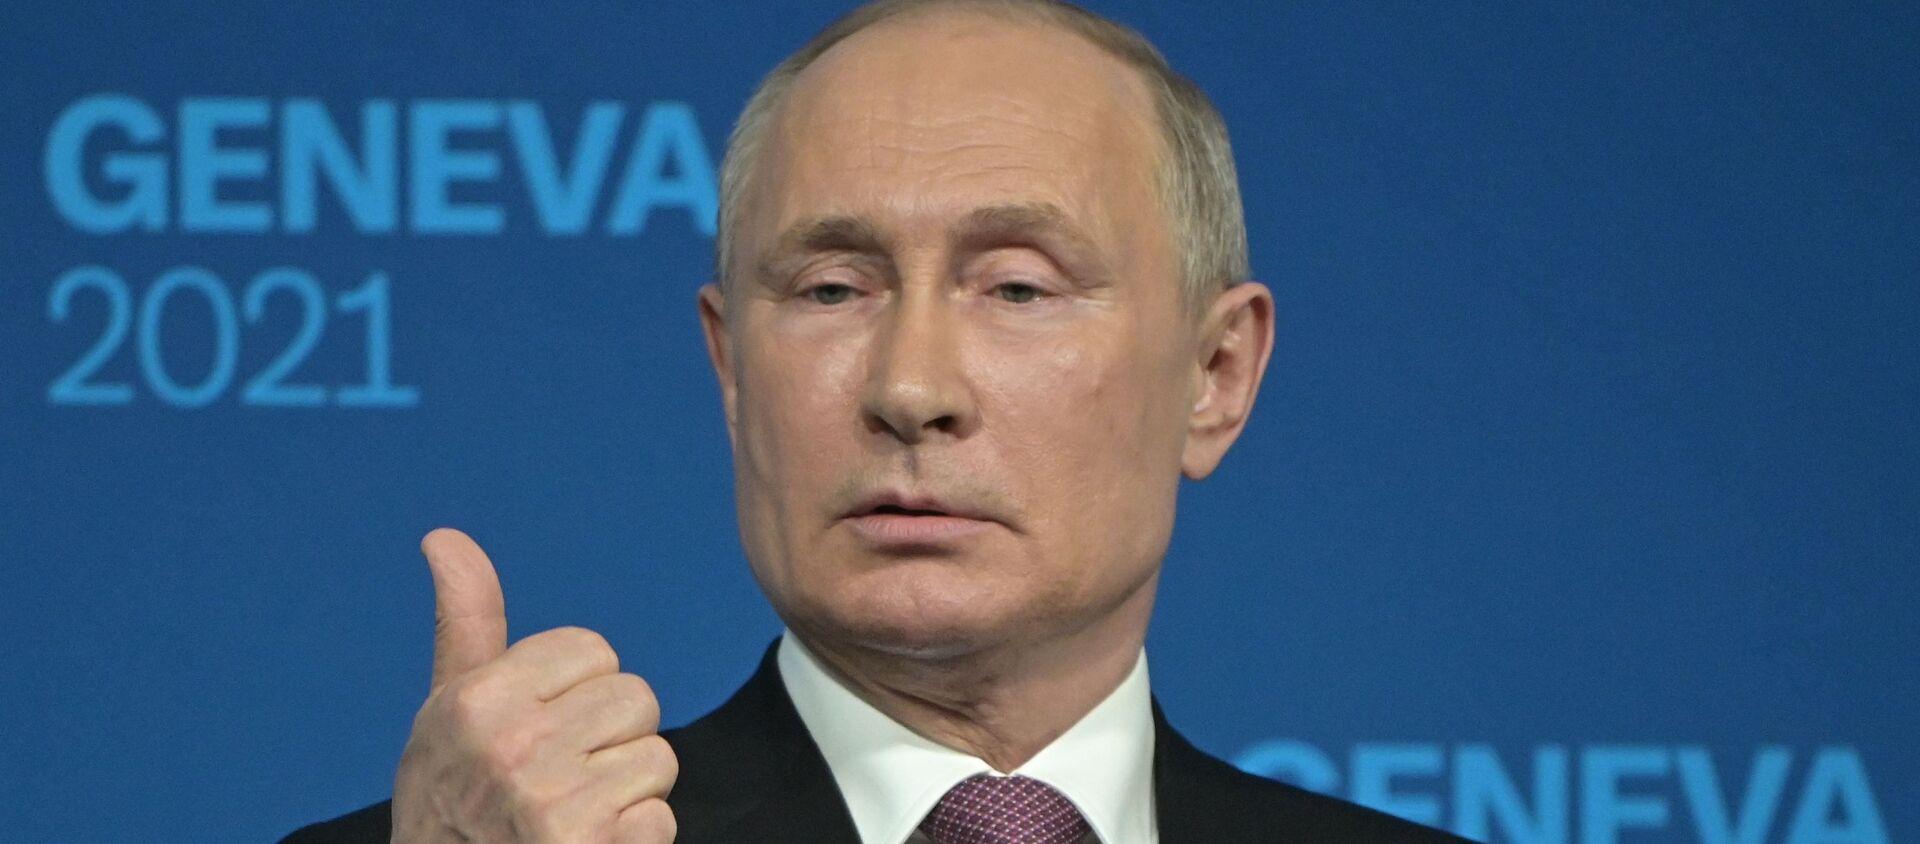 Rusya Devlet Başkanı Vladimir Putin - Cenevre - Sputnik Türkiye, 1920, 17.06.2021